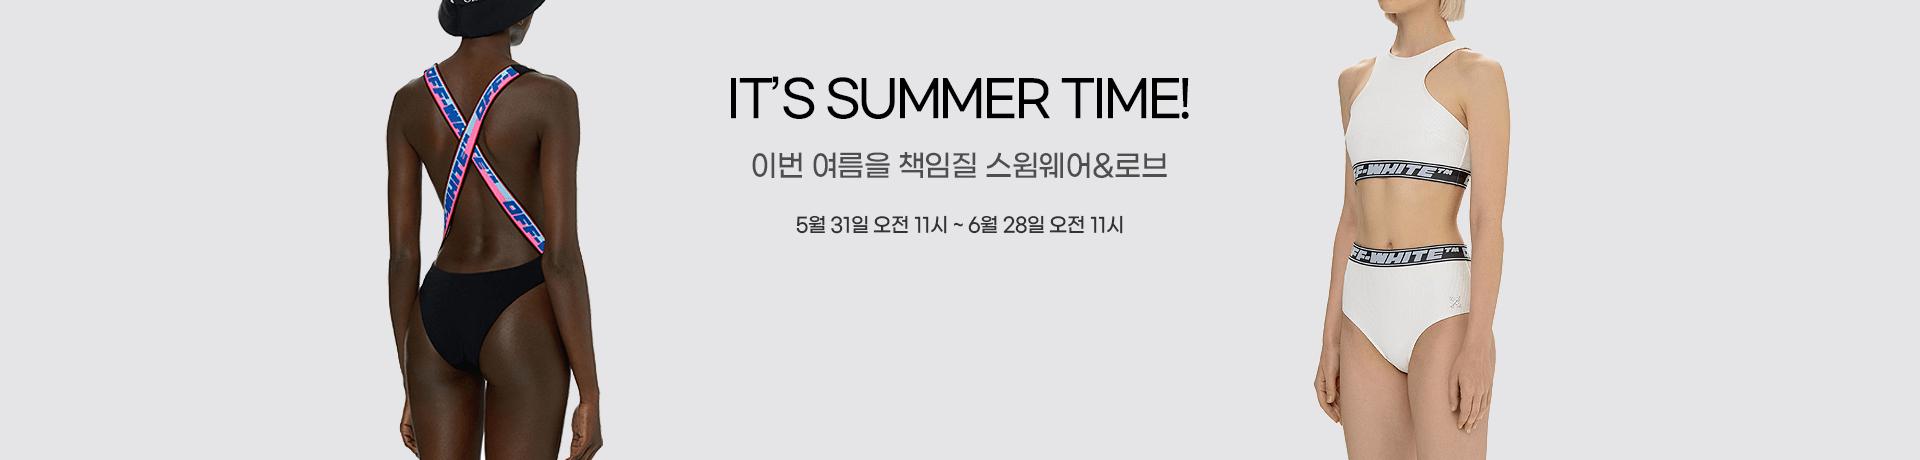 210531_yh_it_s-summertime_pc_e5e5e7